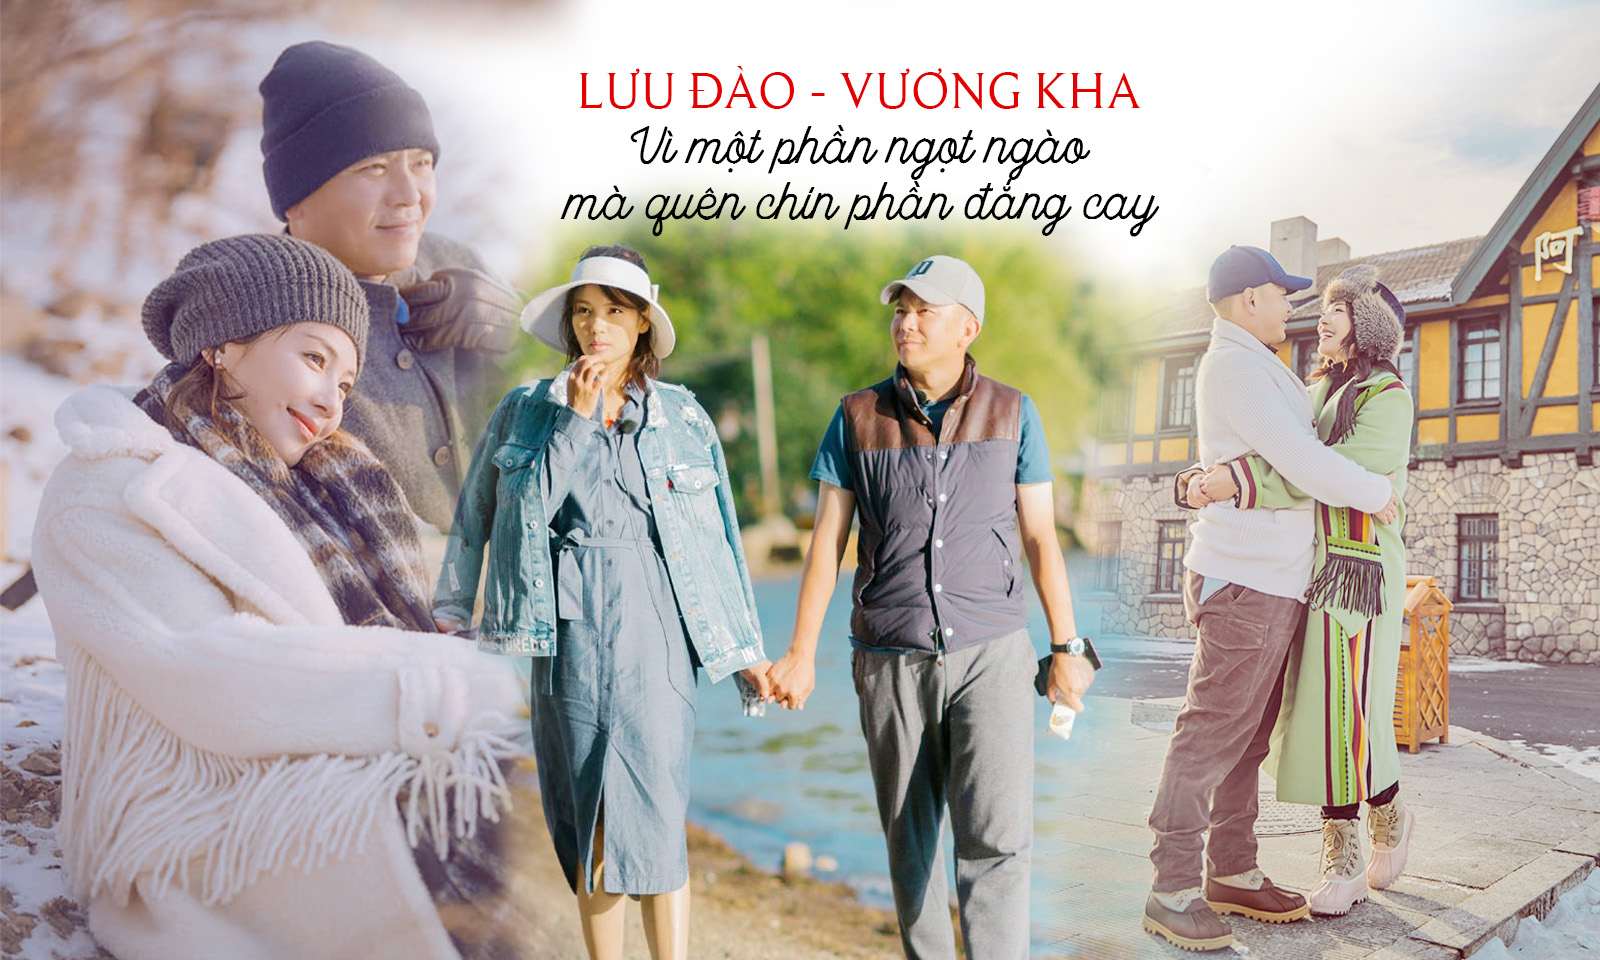 Lưu Đào – Vương Kha: Vì một phần ngọt ngào mà quên chín phần đắng cay